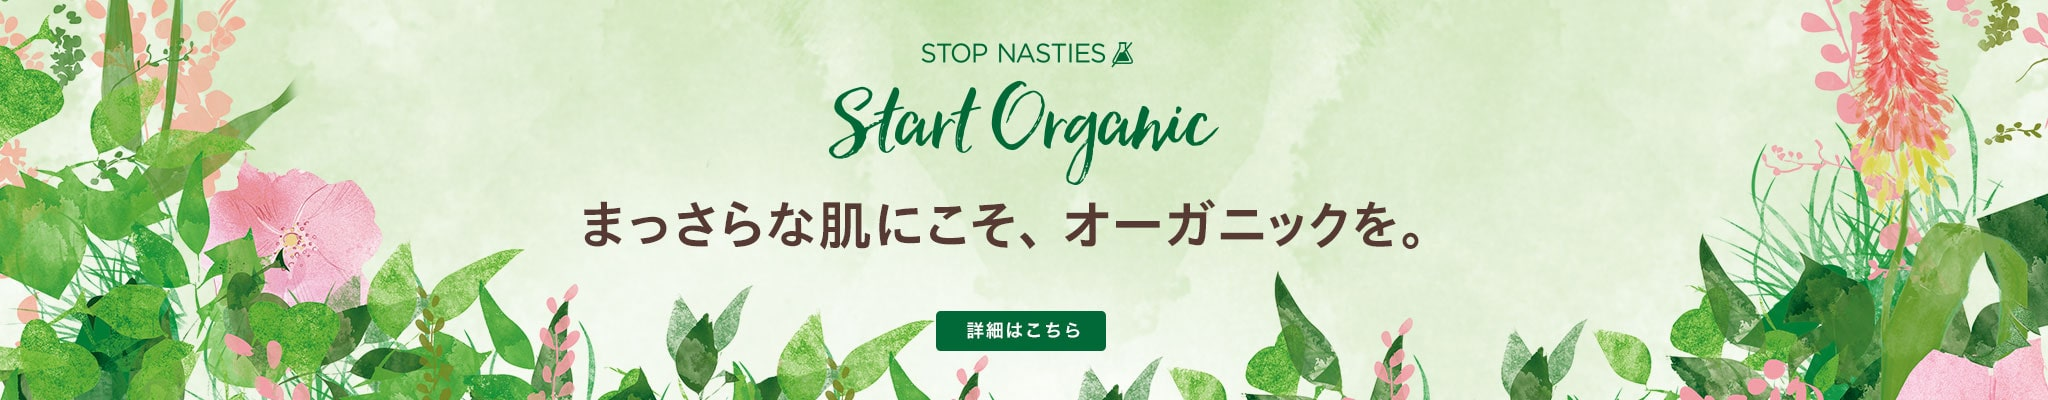 Start Organic まっさらな肌にこそ、オーガニックを